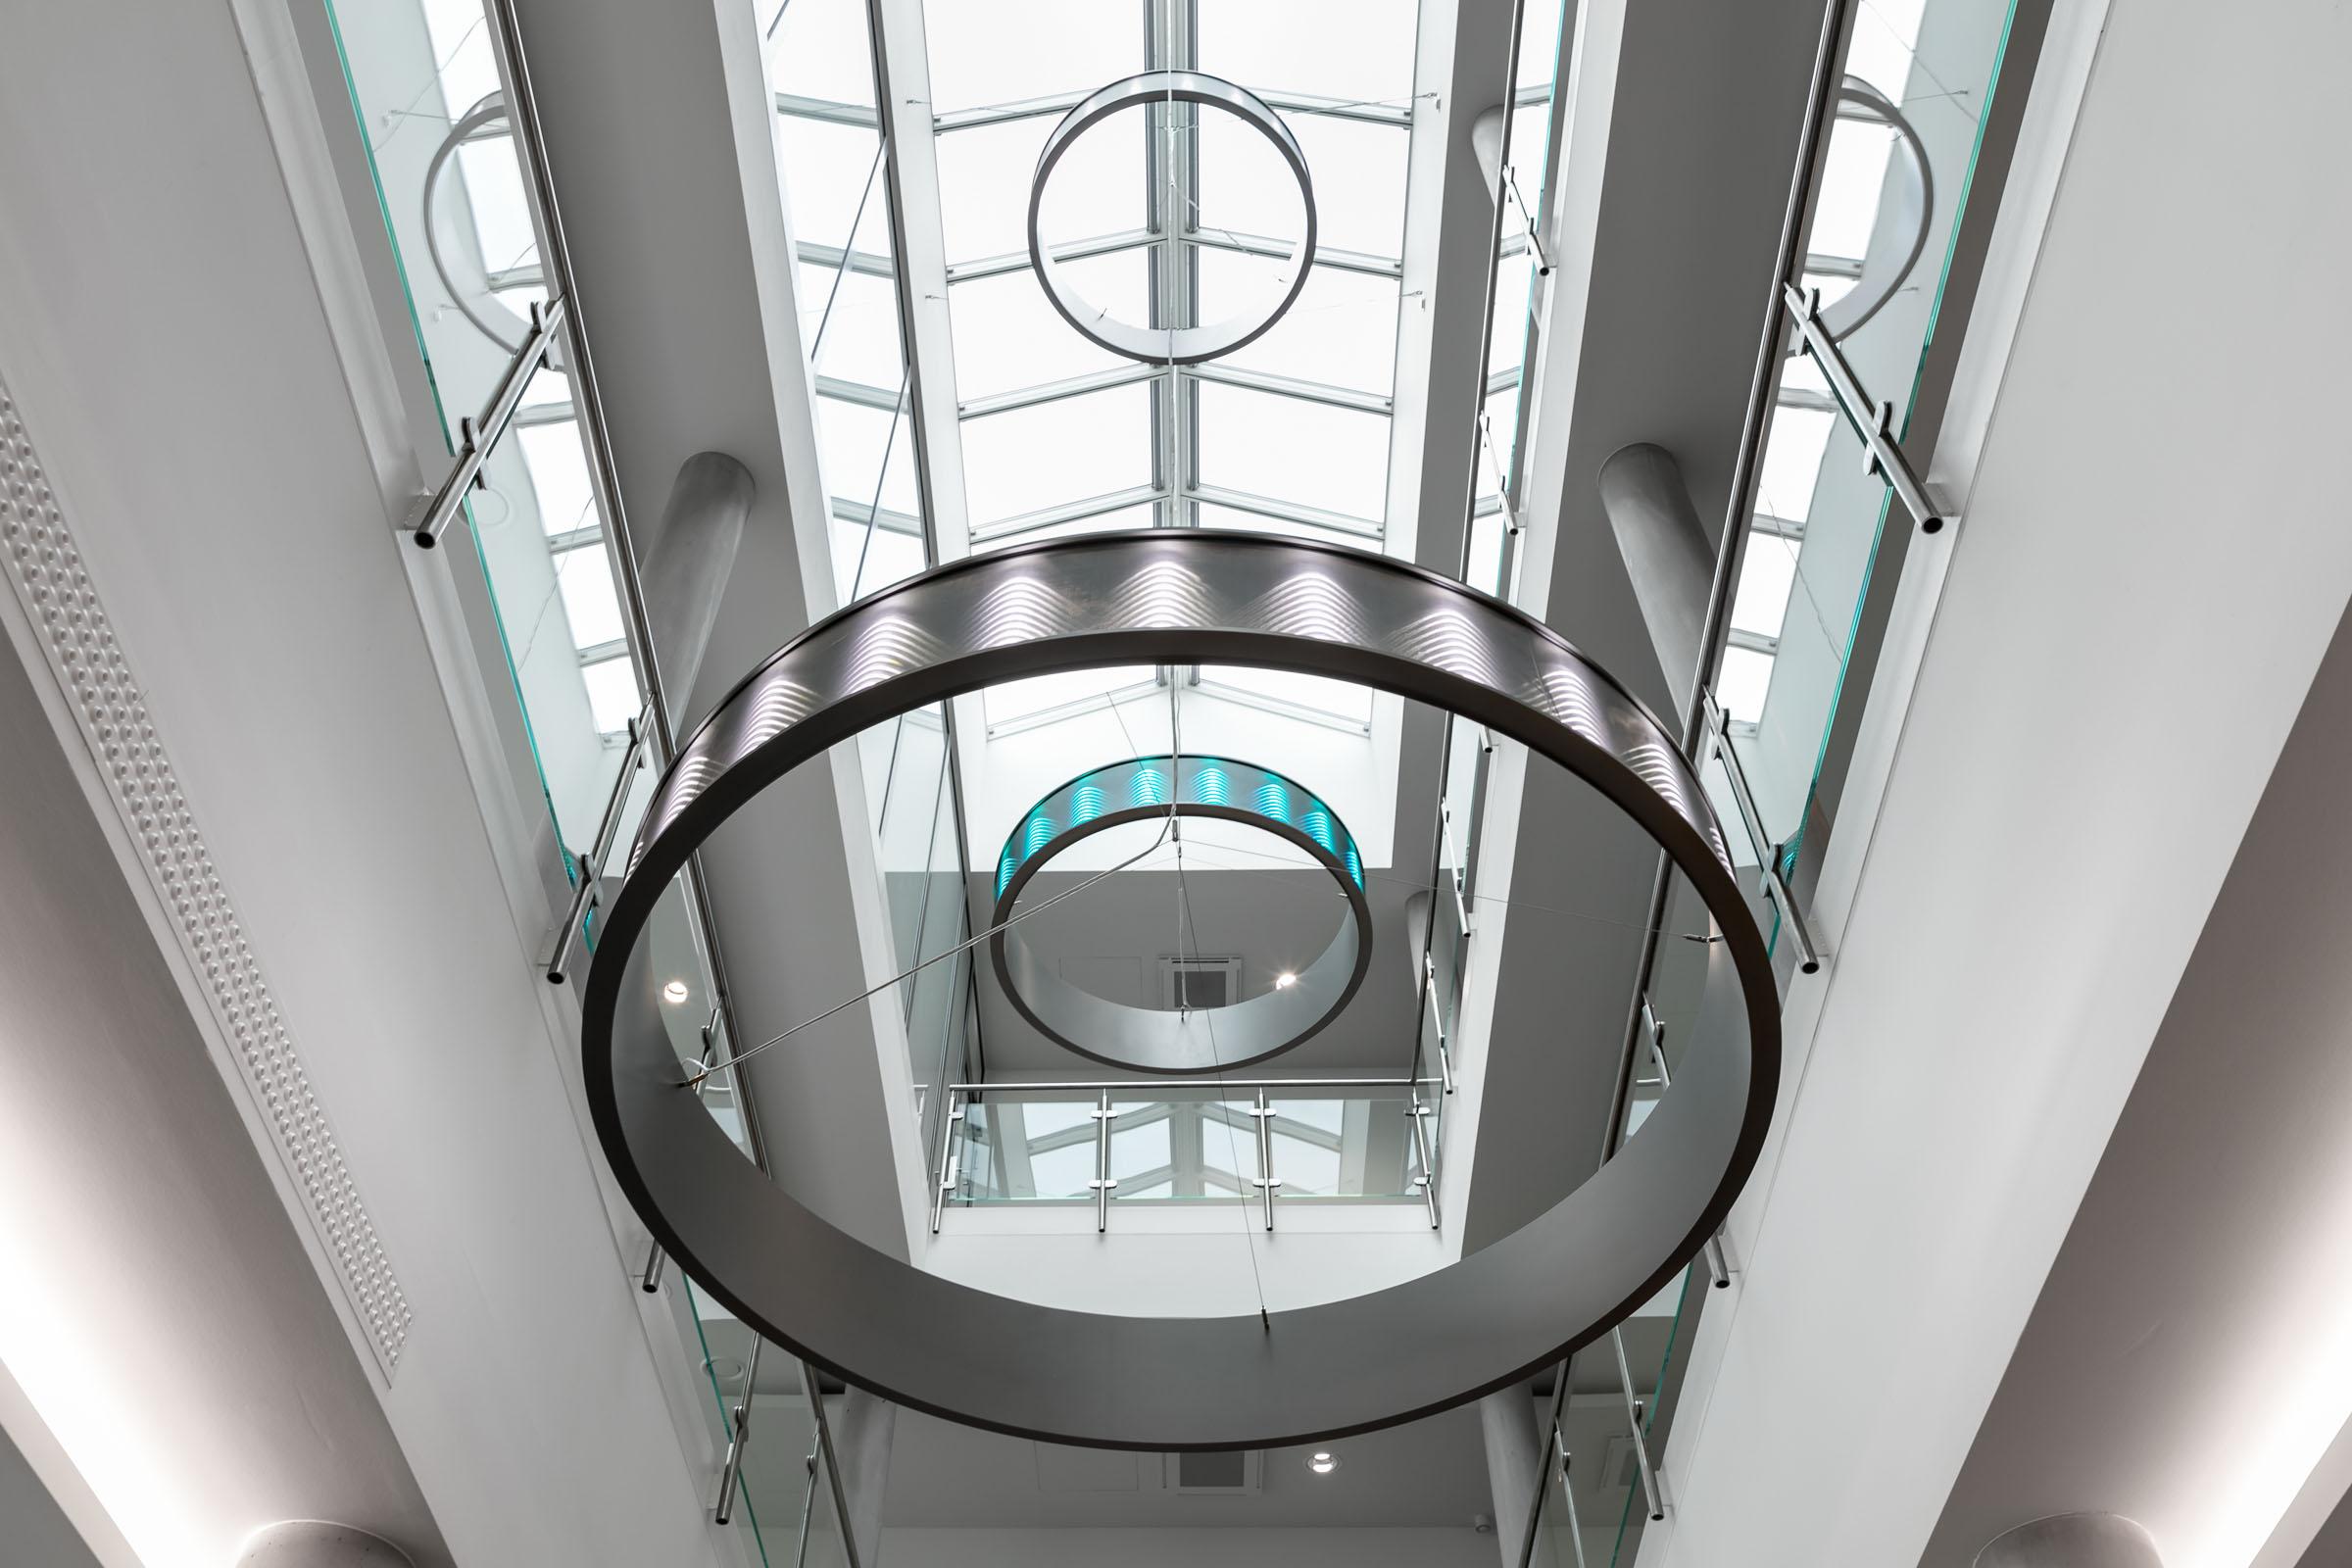 3fach Ringleuchten im Eingangsbereich von E.G.O.